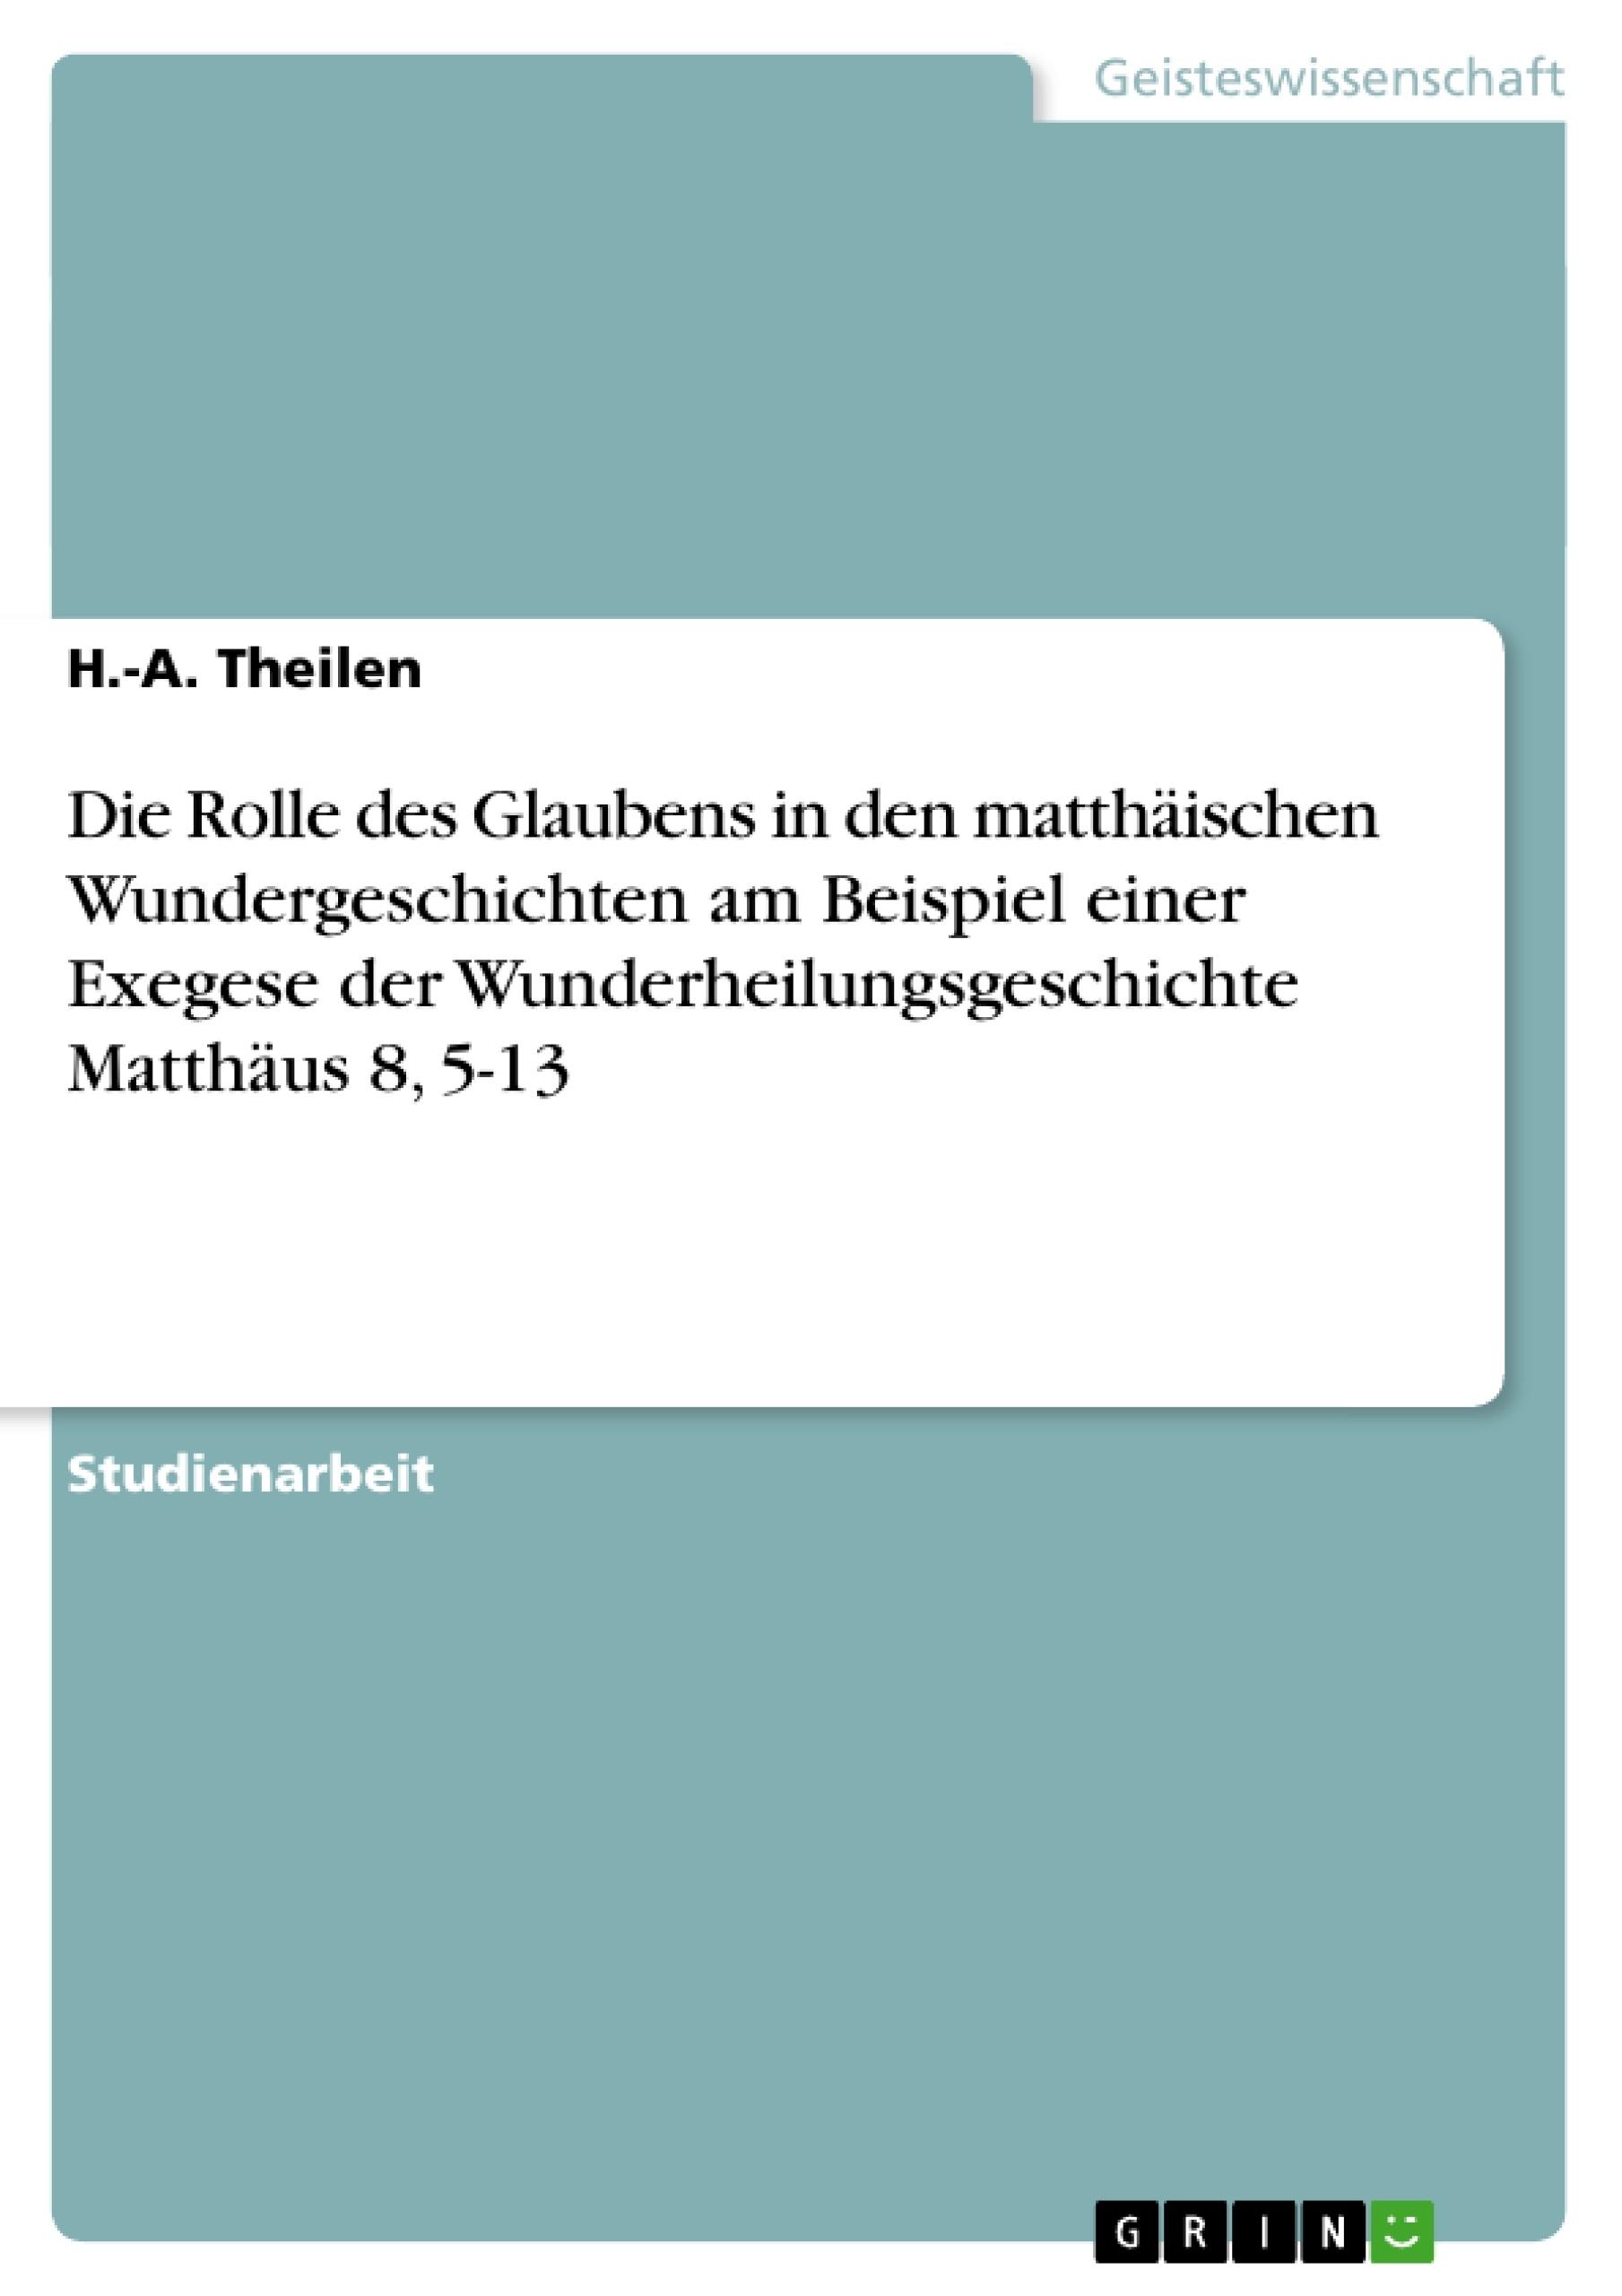 Titel: Die Rolle des Glaubens in den matthäischen Wundergeschichten am Beispiel einer Exegese der Wunderheilungsgeschichte Matthäus 8, 5-13